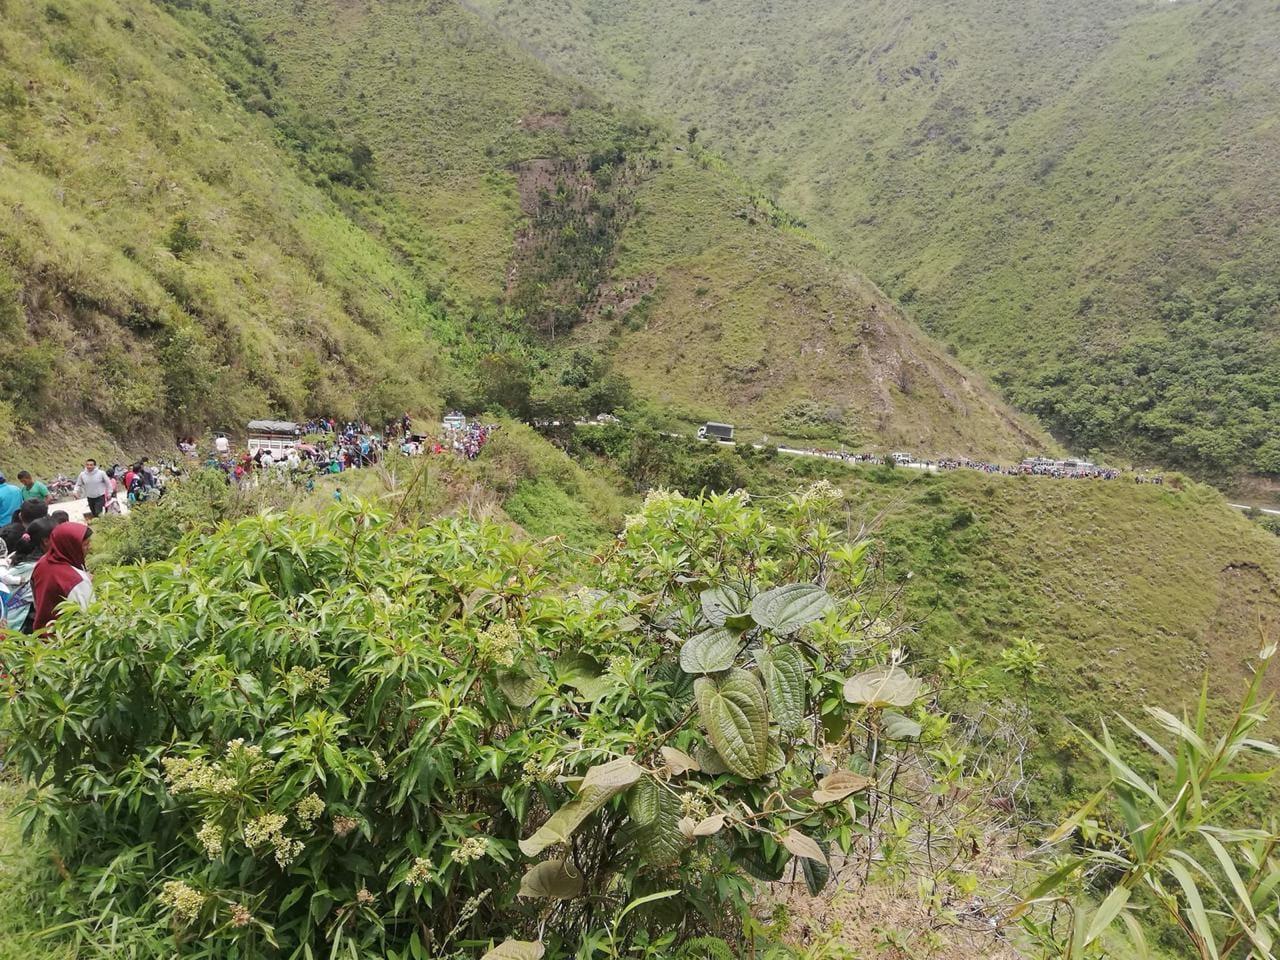 Seis muertos y 10 heridos dejó accidente de tránsito en zona rural de Páez, Cauca